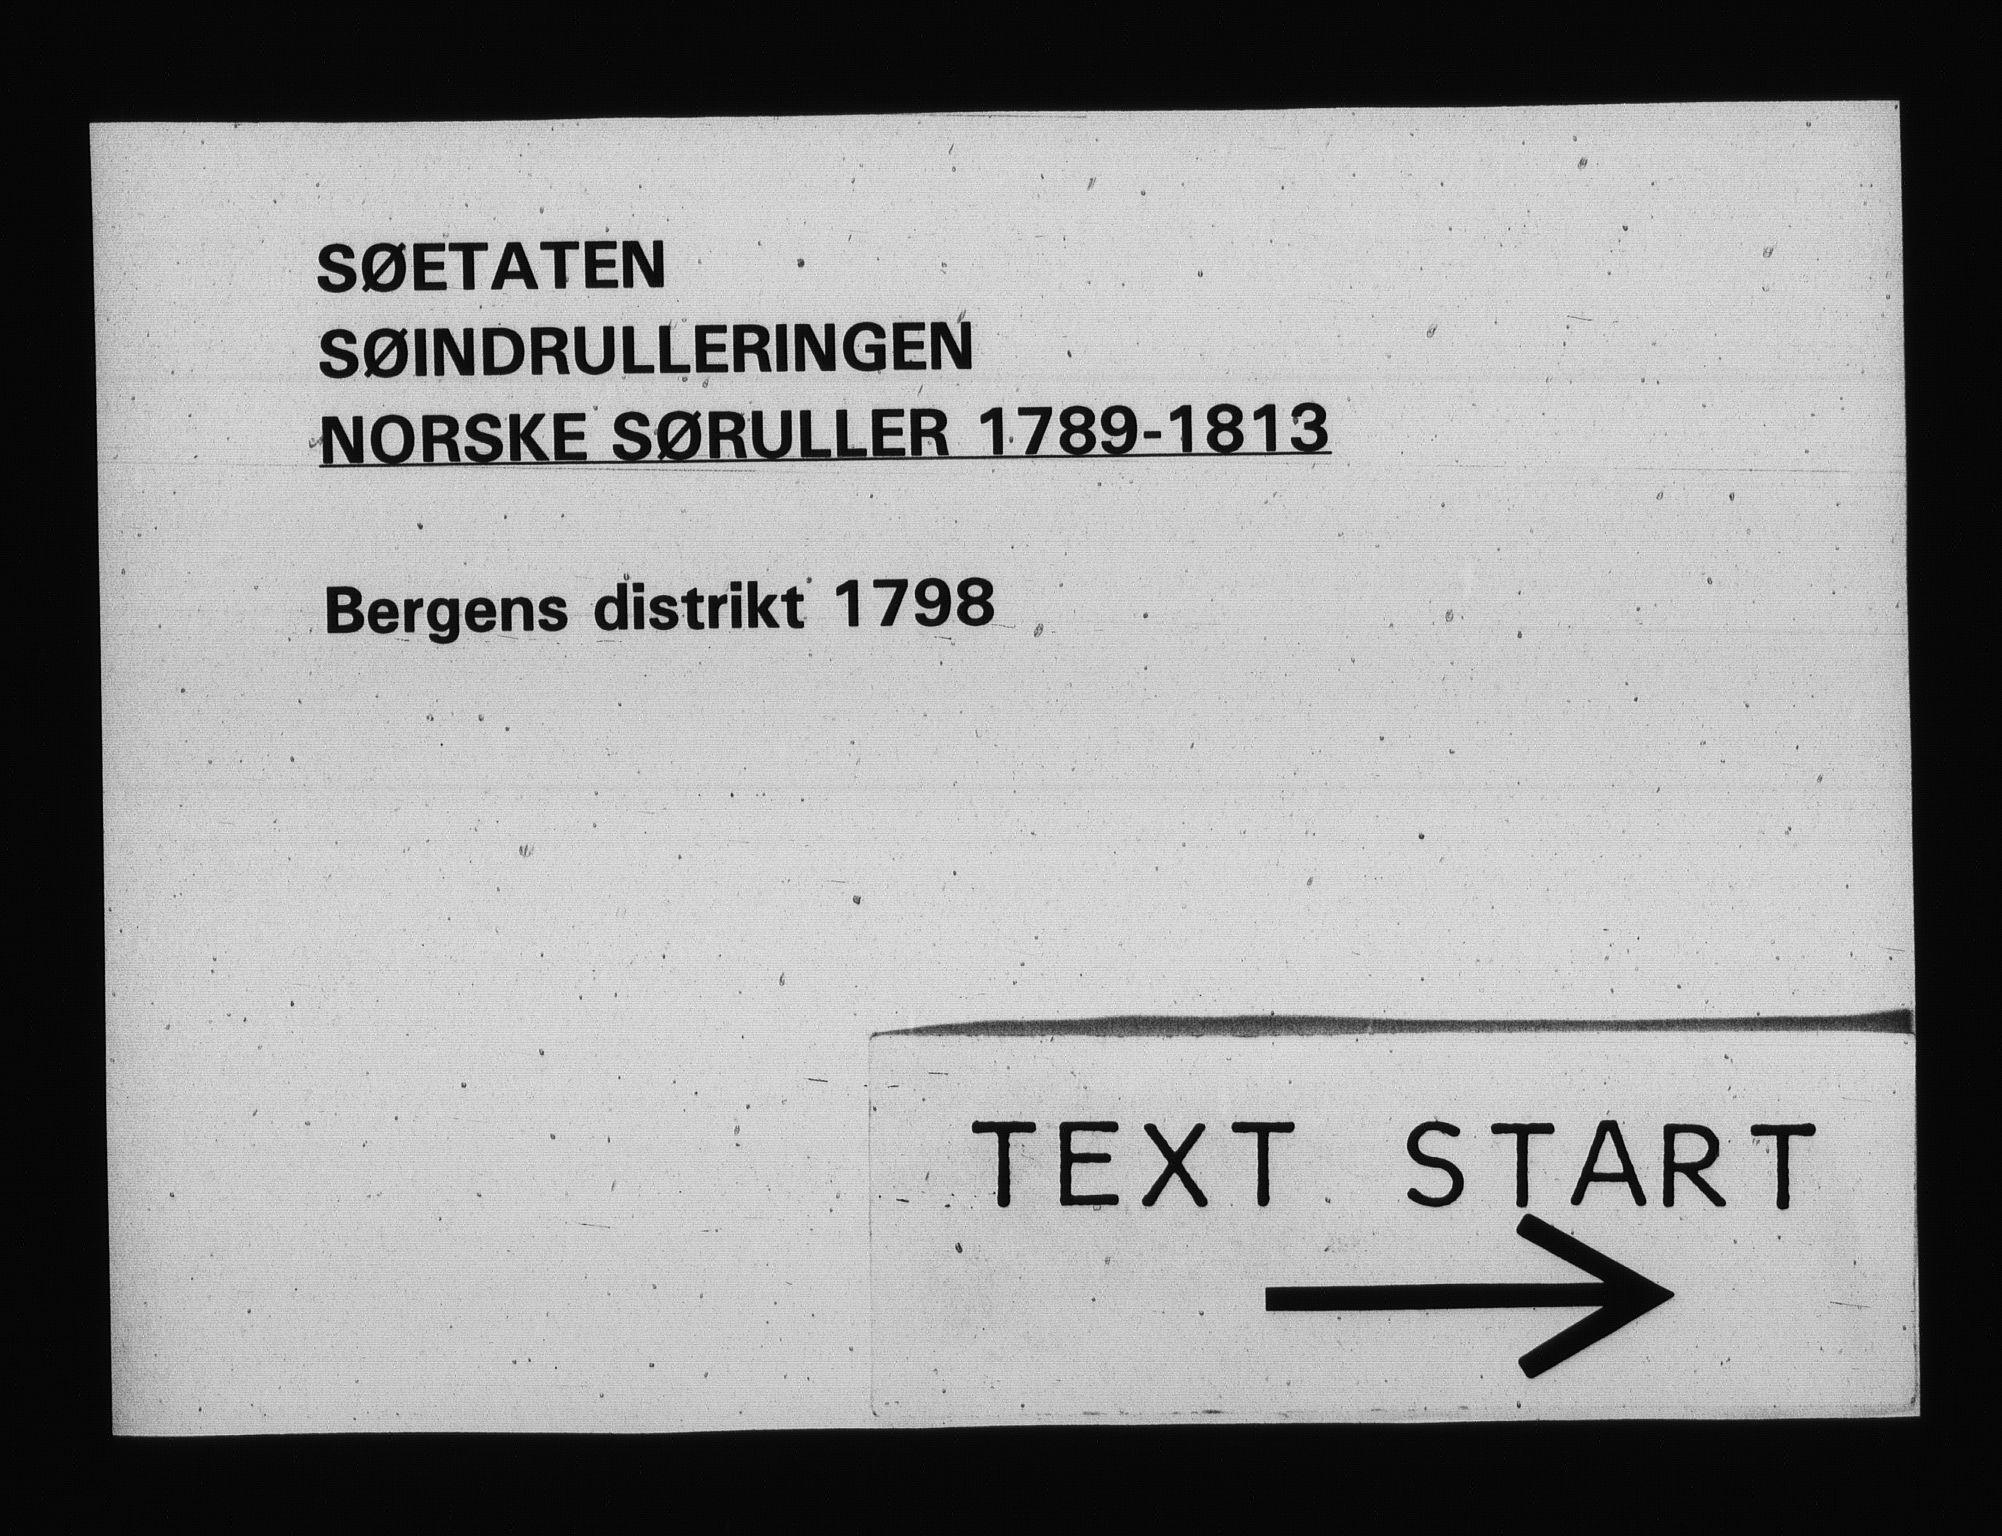 RA, Sjøetaten, F/L0227: Bergen distrikt, bind 1, 1798